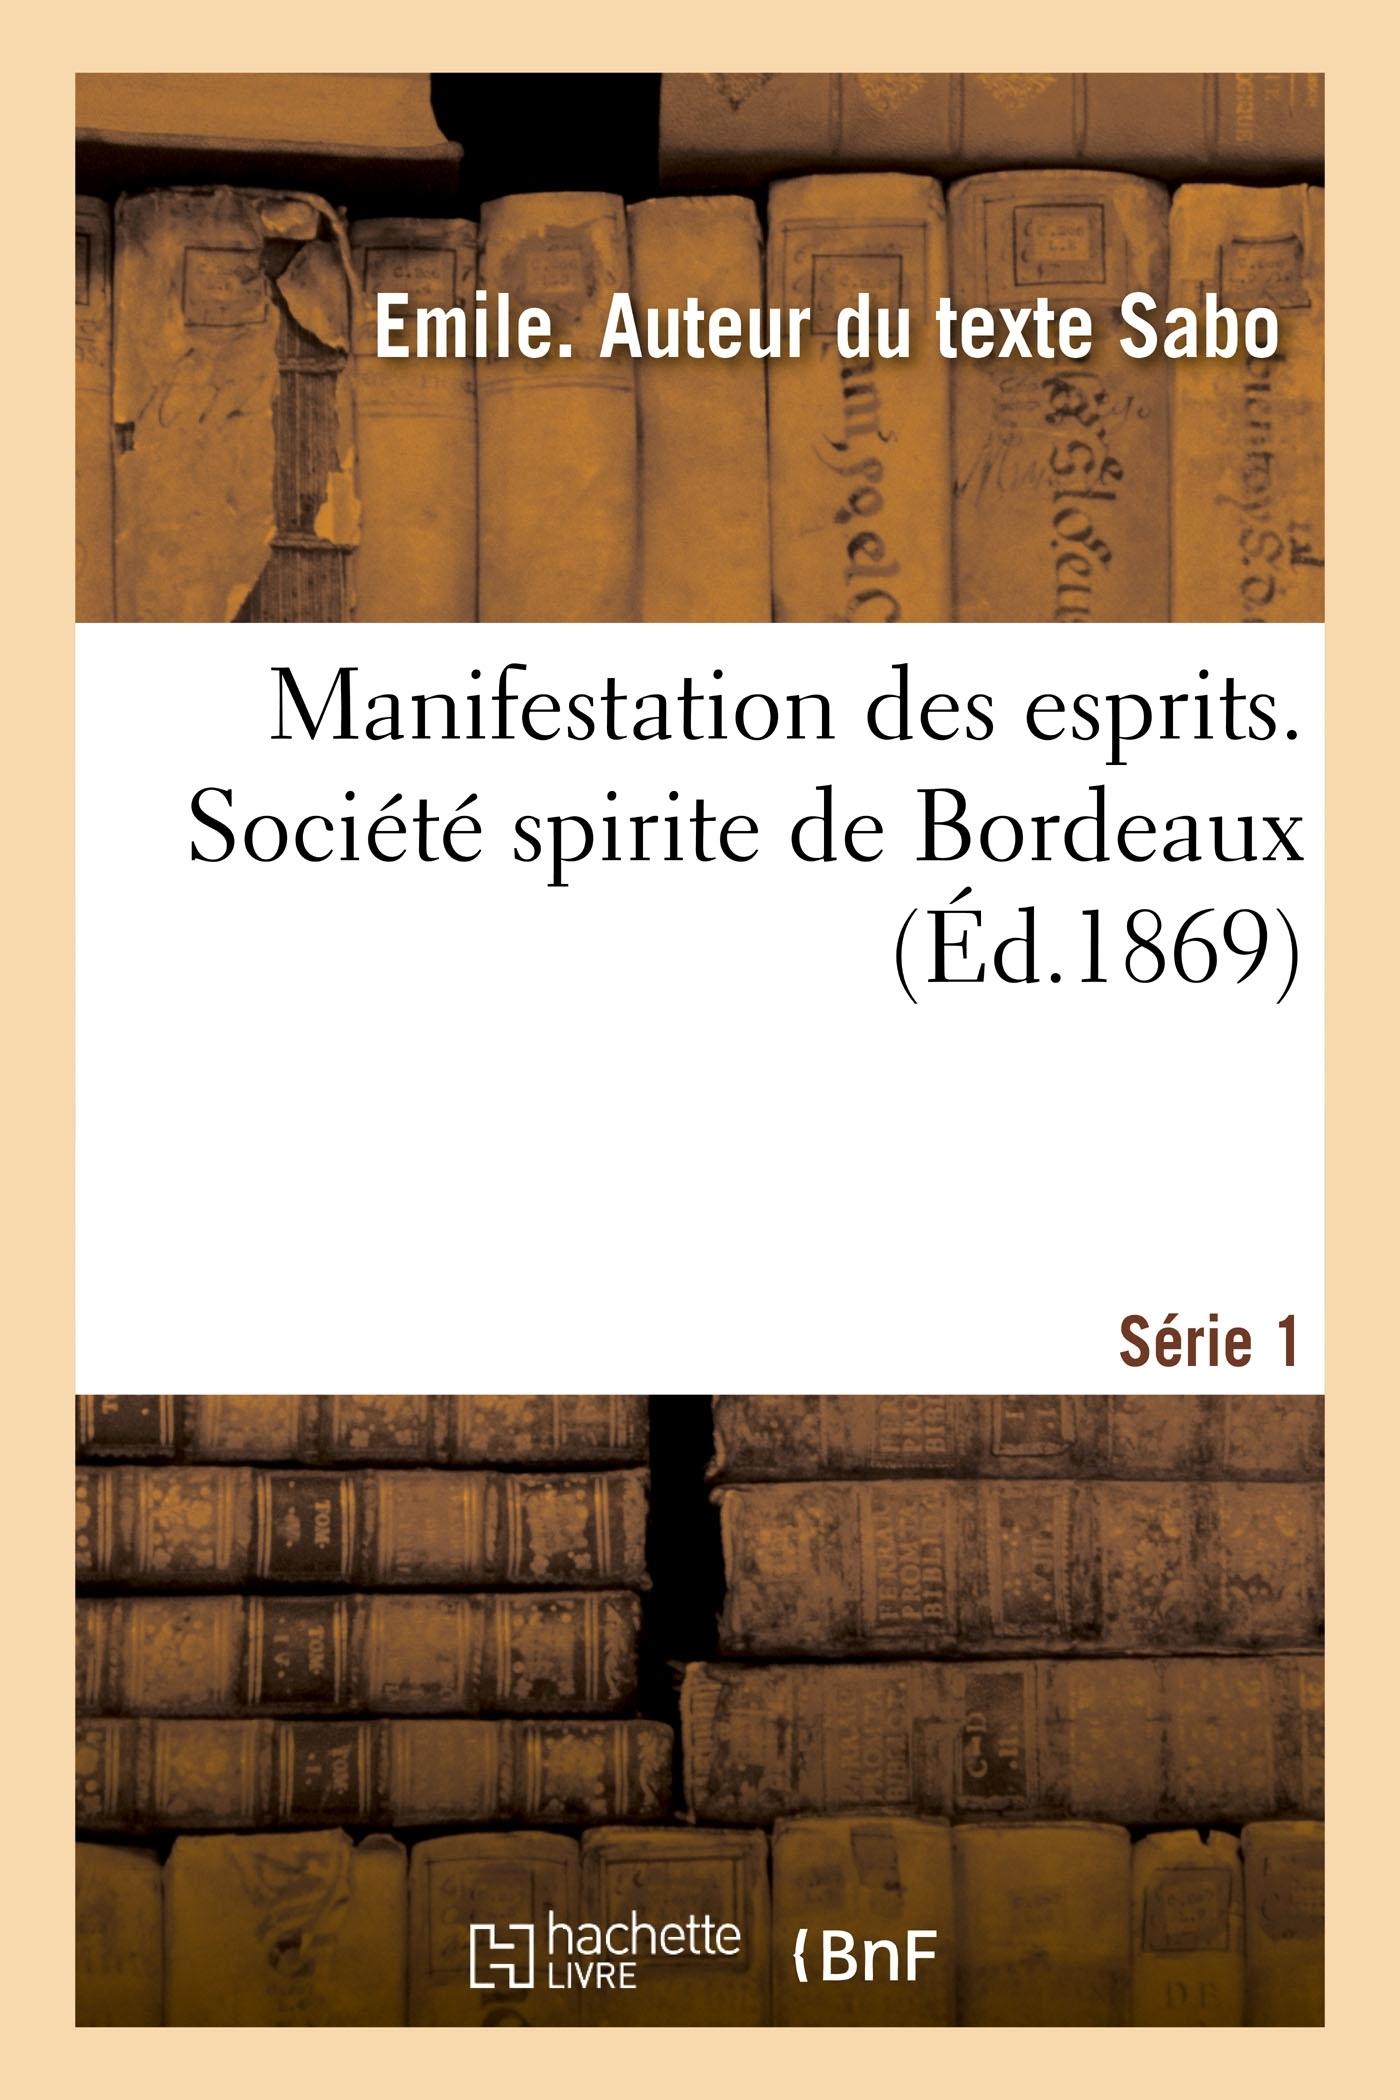 MANIFESTATION DES ESPRITS. SOCIETE SPIRITE DE BORDEAUX. SERIE 1 - CARACTERES D'OUTRE-TOMBE PAR L'ESP